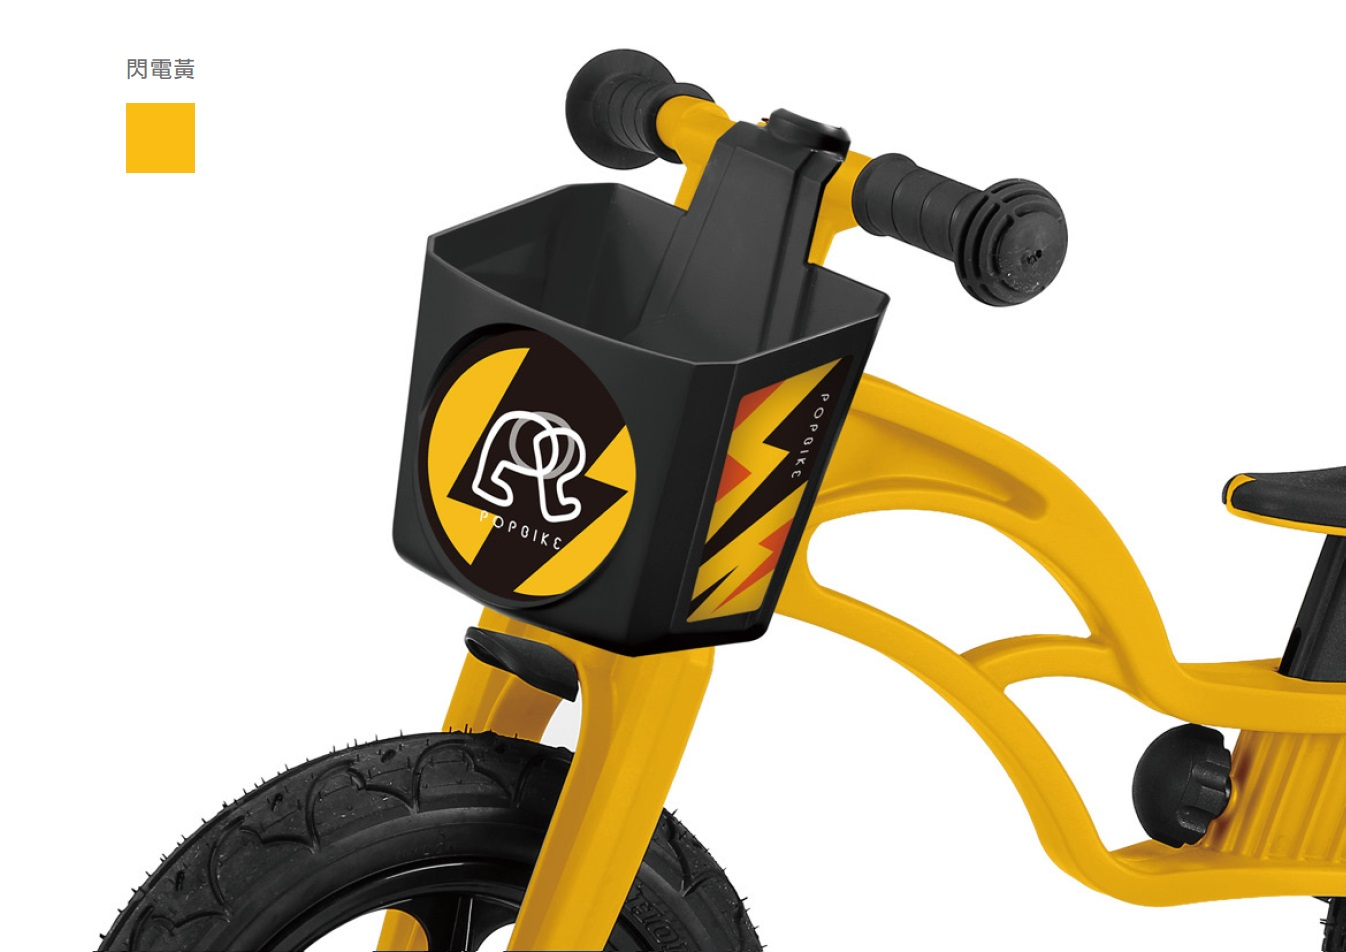 POPBIKE 兒童滑步車/平衡車/學步車/ - 配件 車籃 (閃電黃)